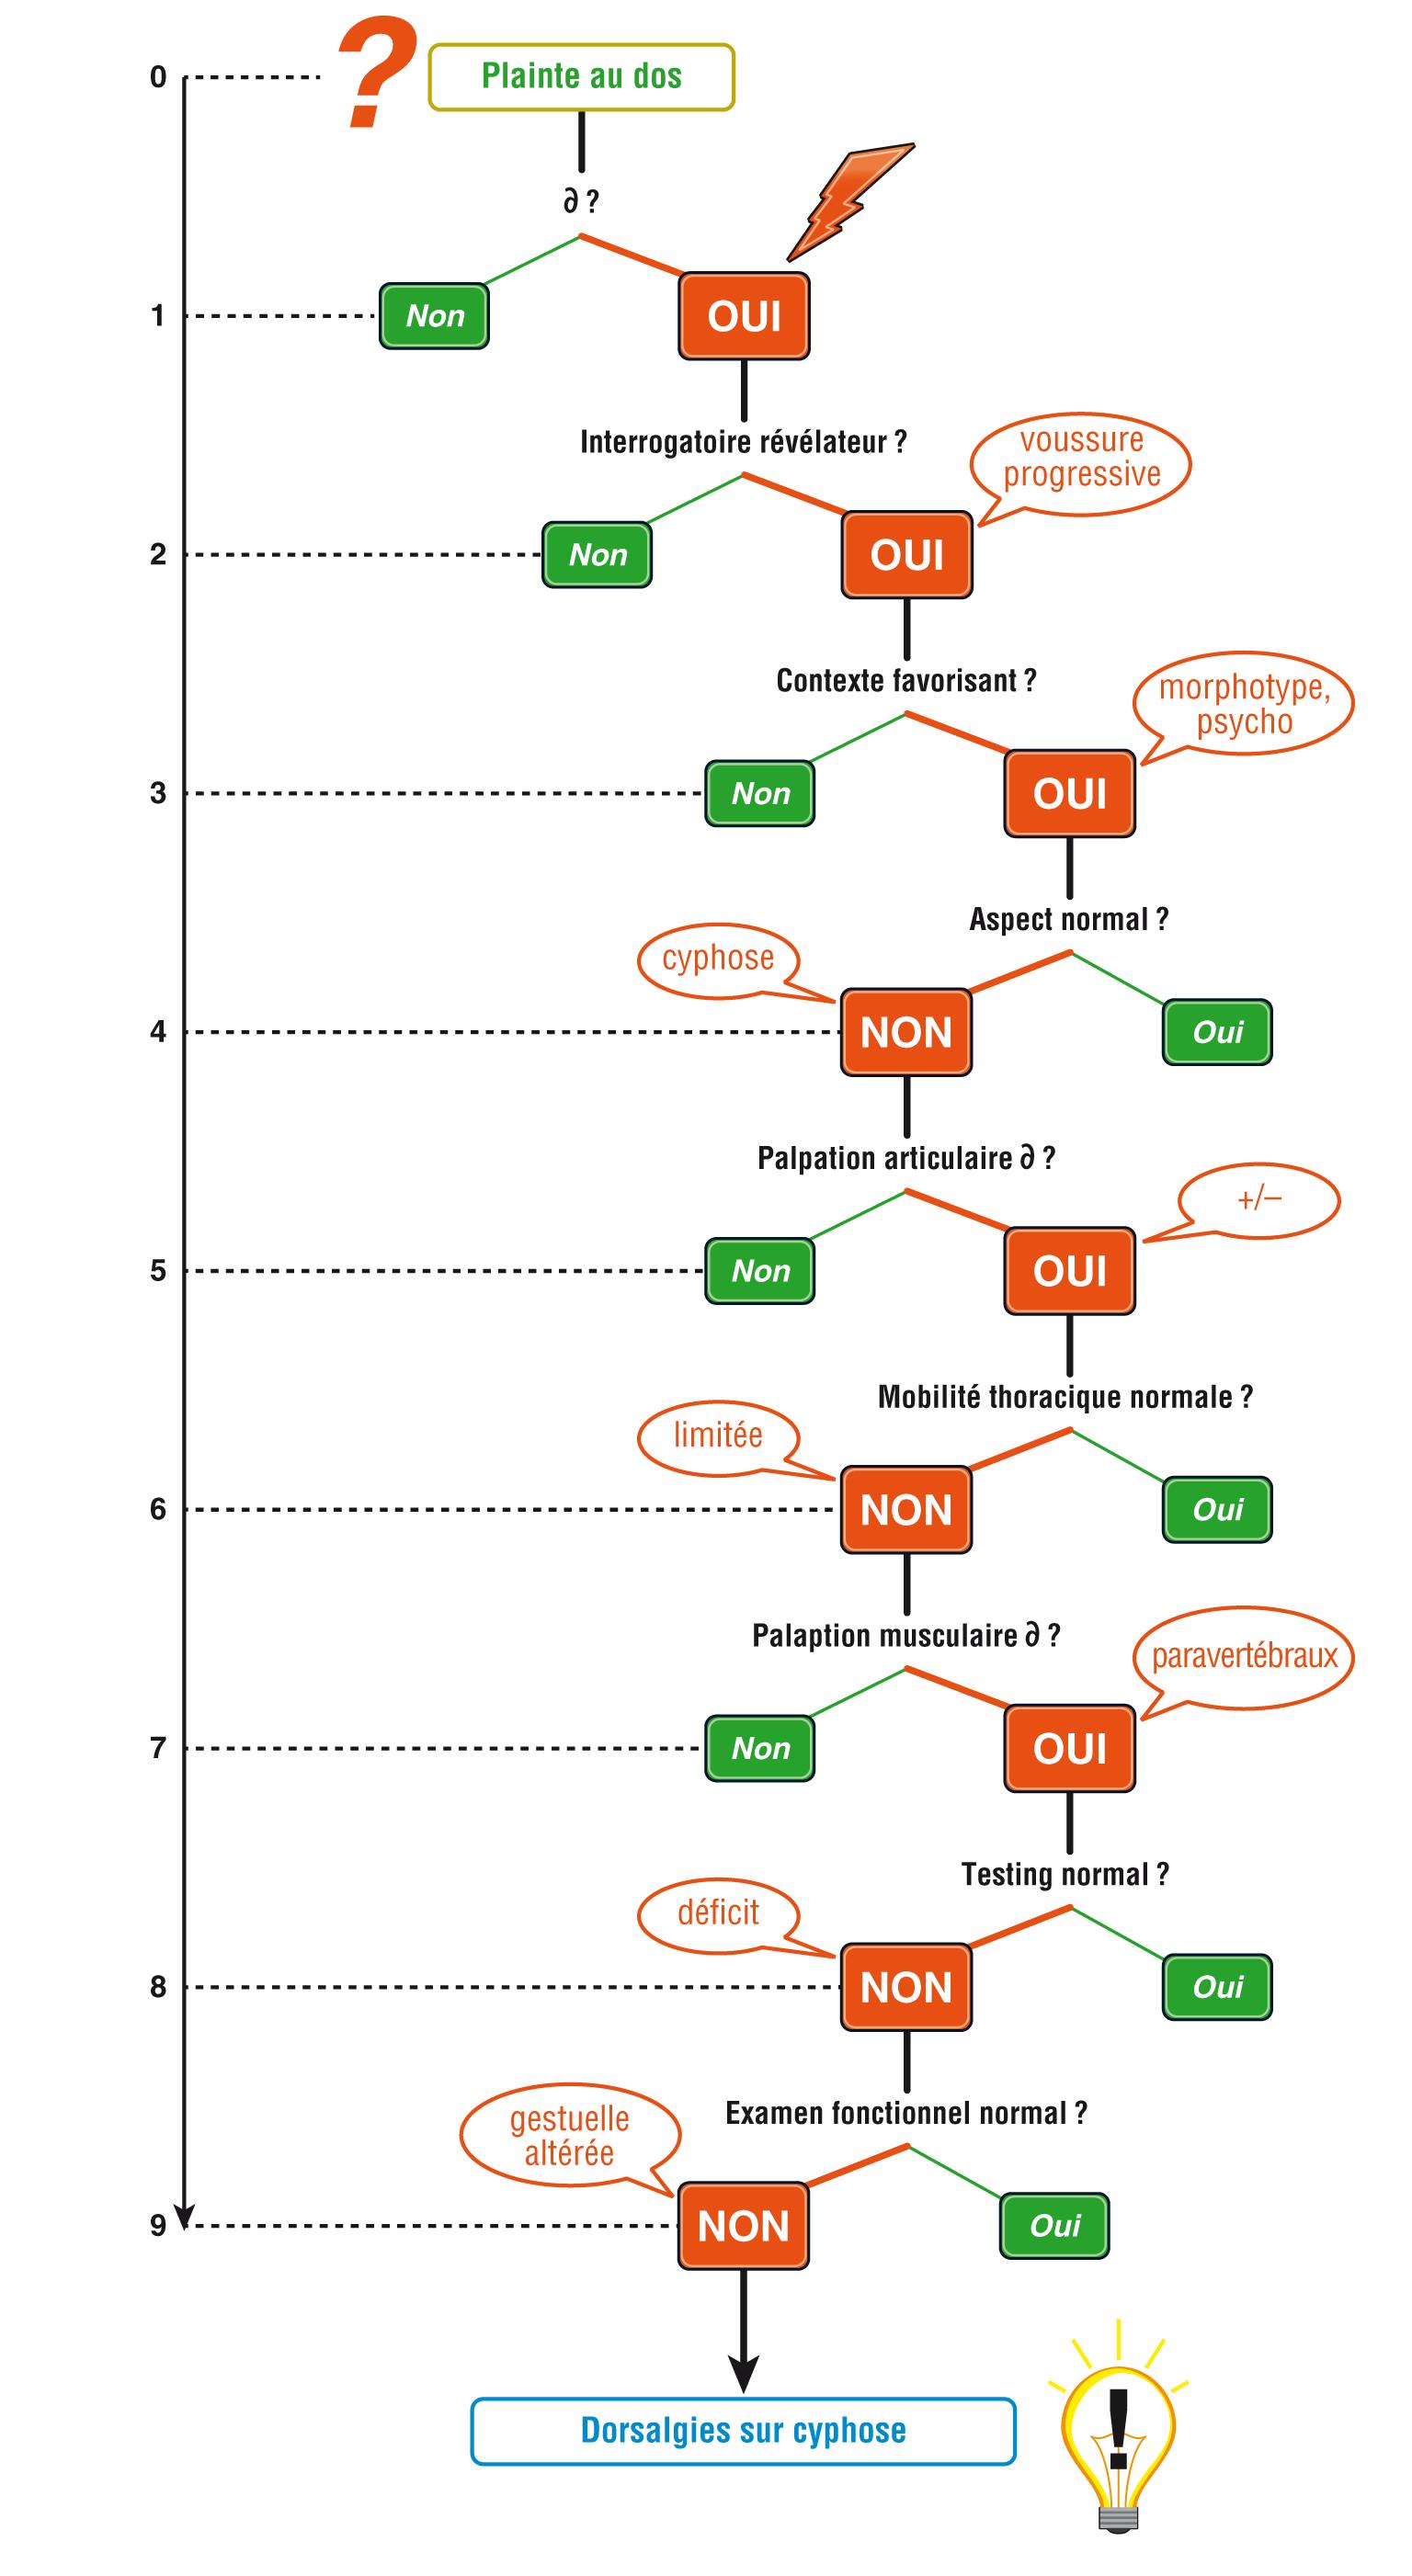 Dorsalgies sur cyphose schéma